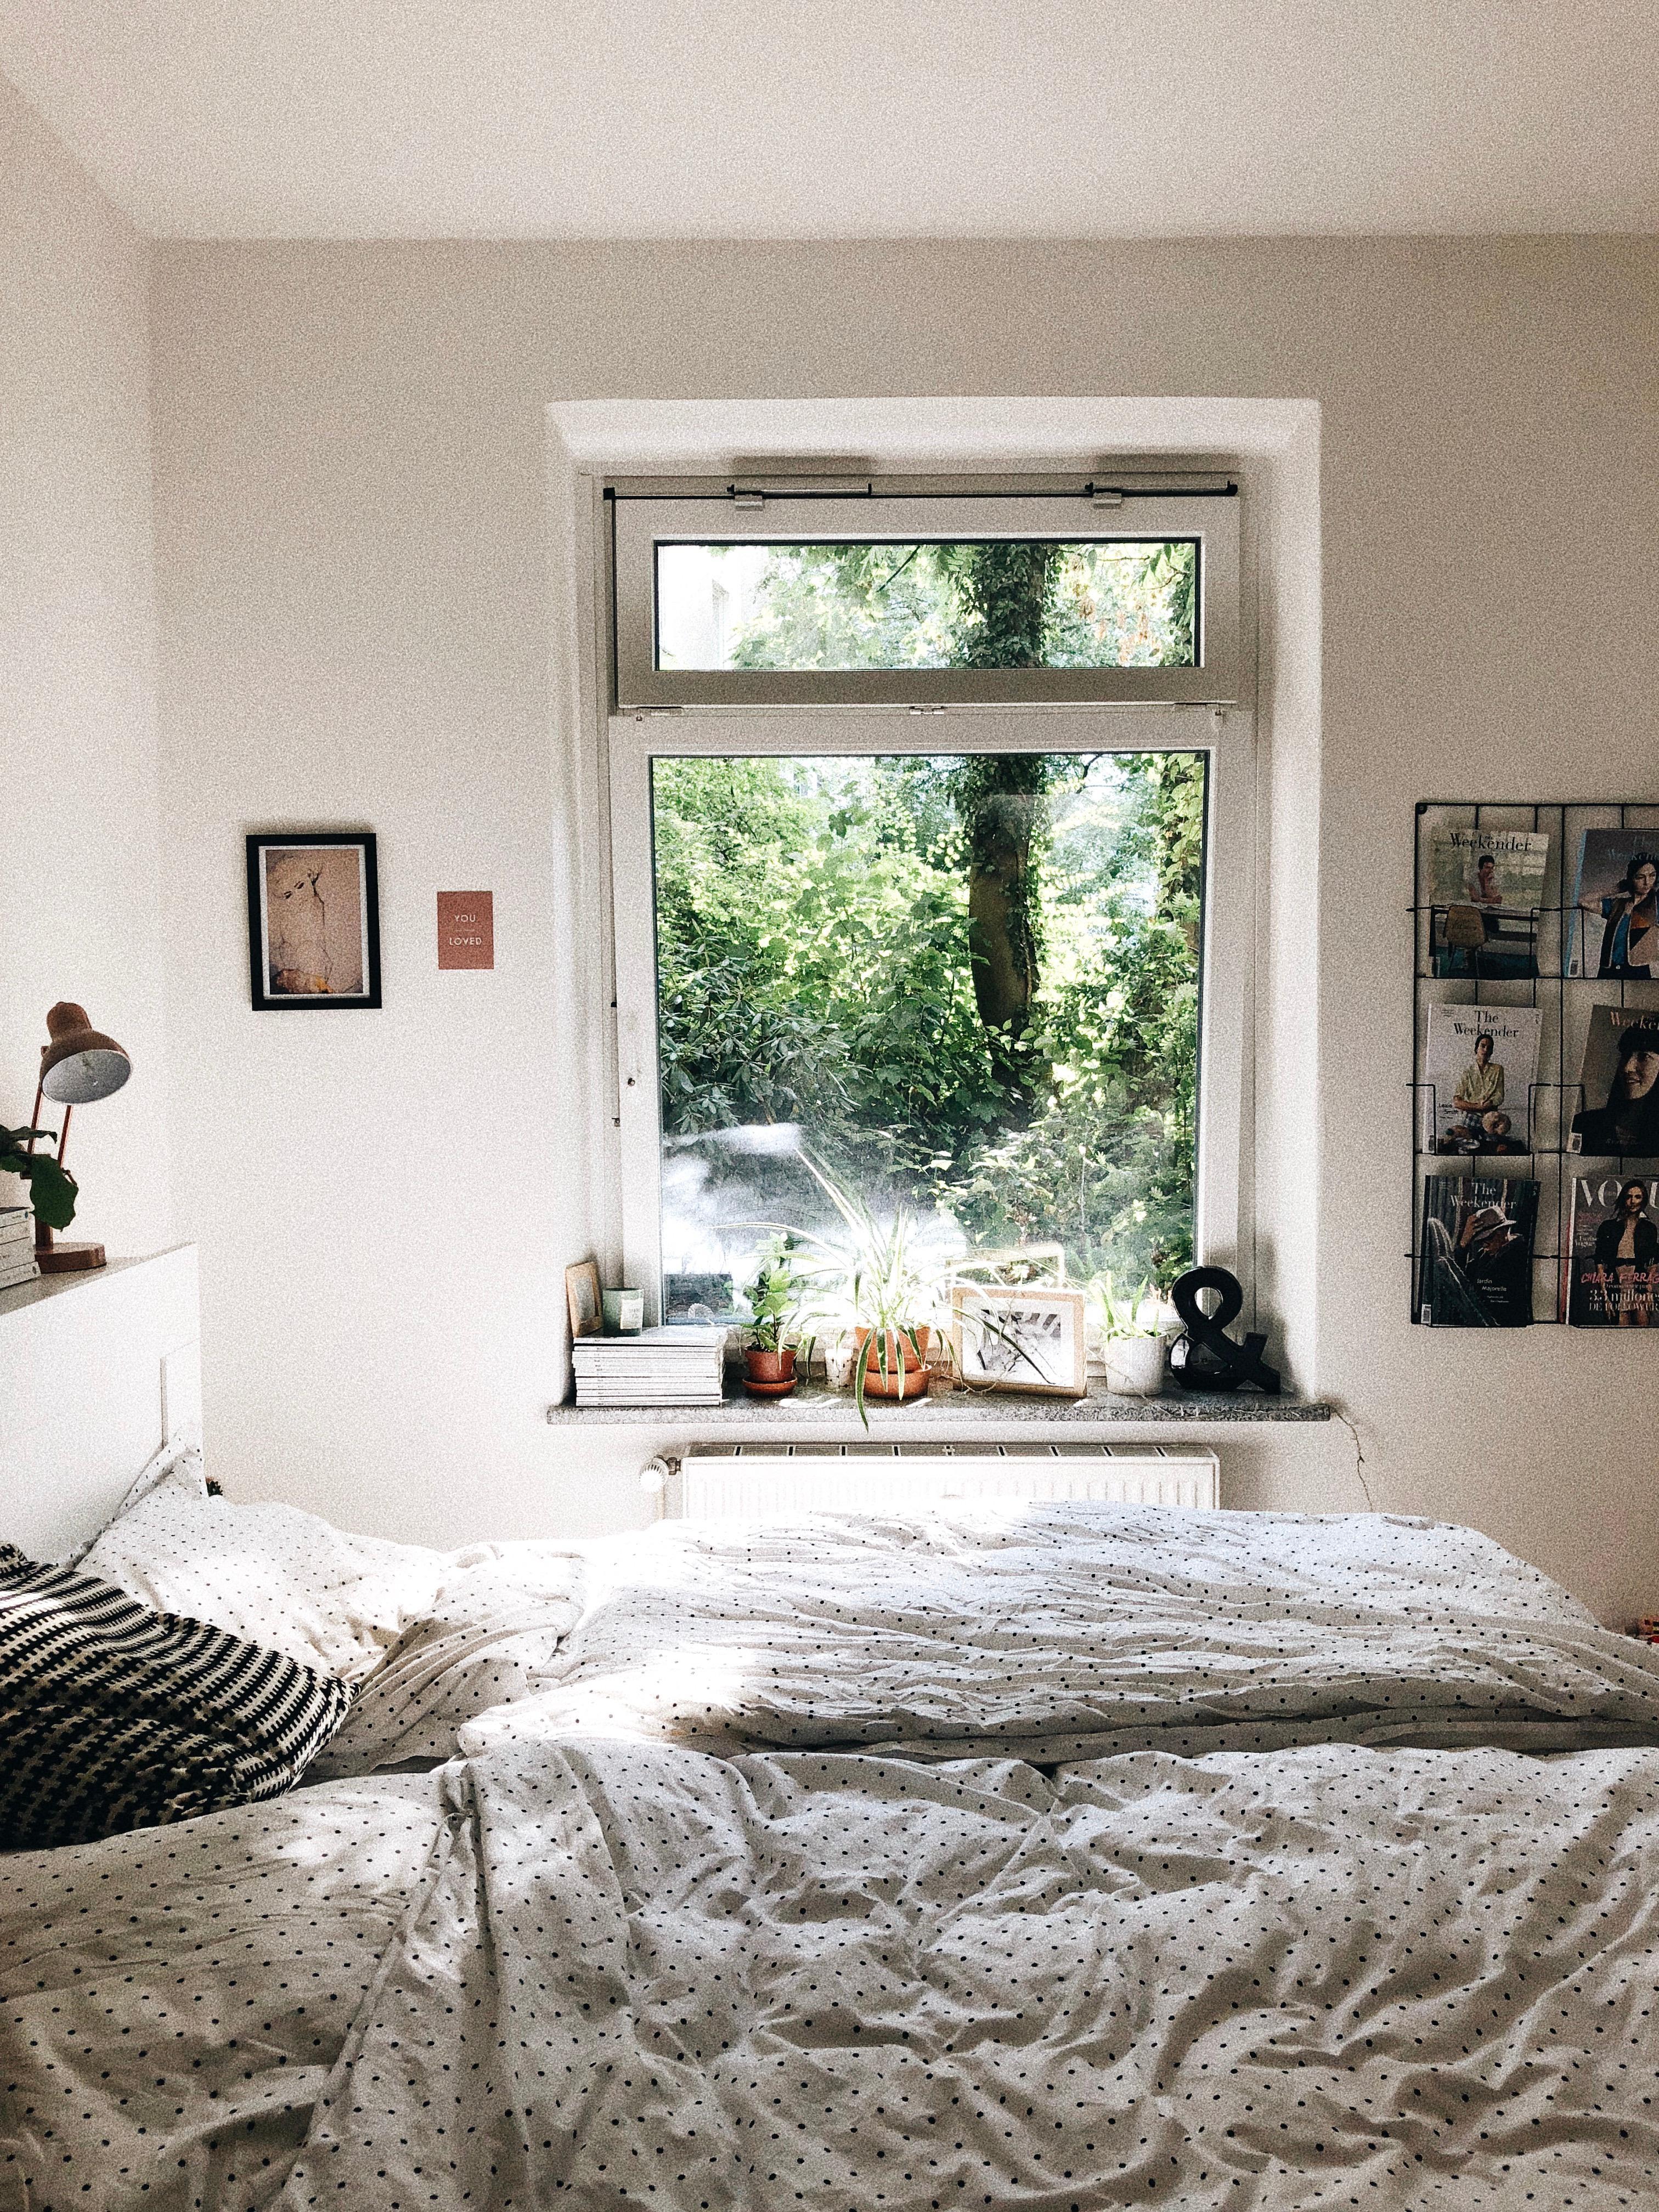 Der Blick Ins Grüne. #schlafzimmer #urbanjungle #bedroom #garten  #erdgeschoss #